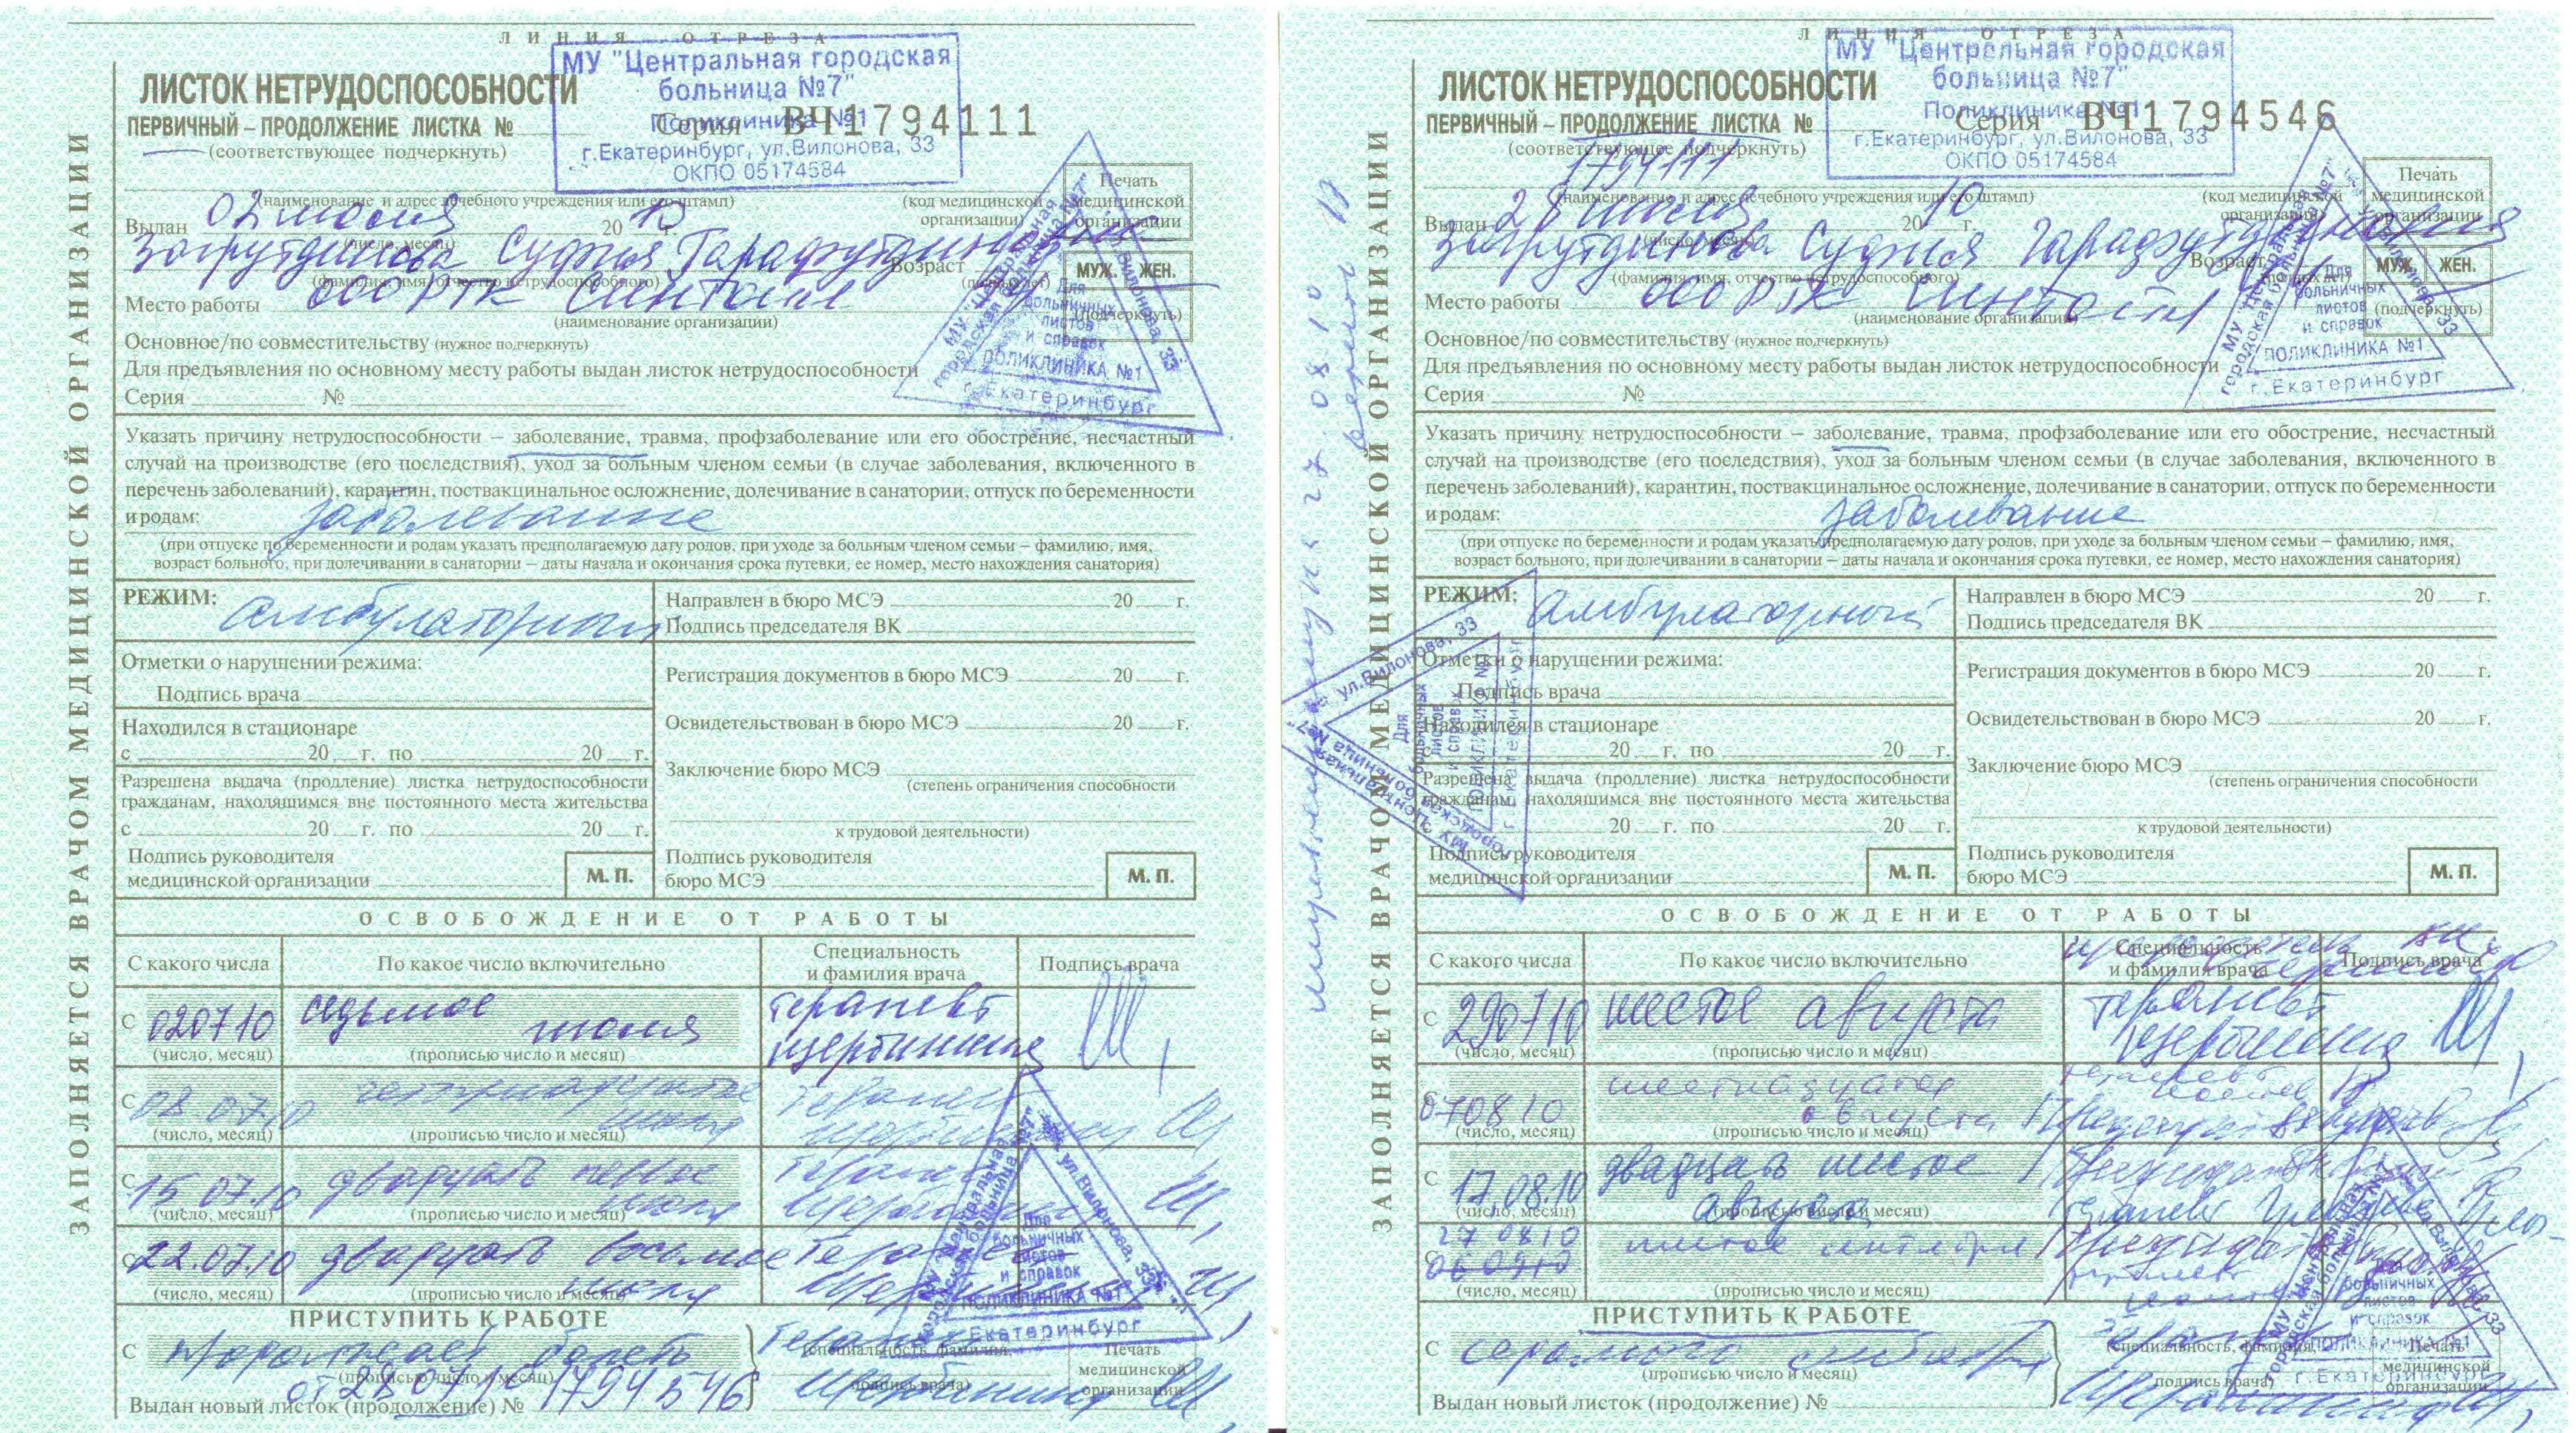 Справка о нетрудоспособности гражданина России